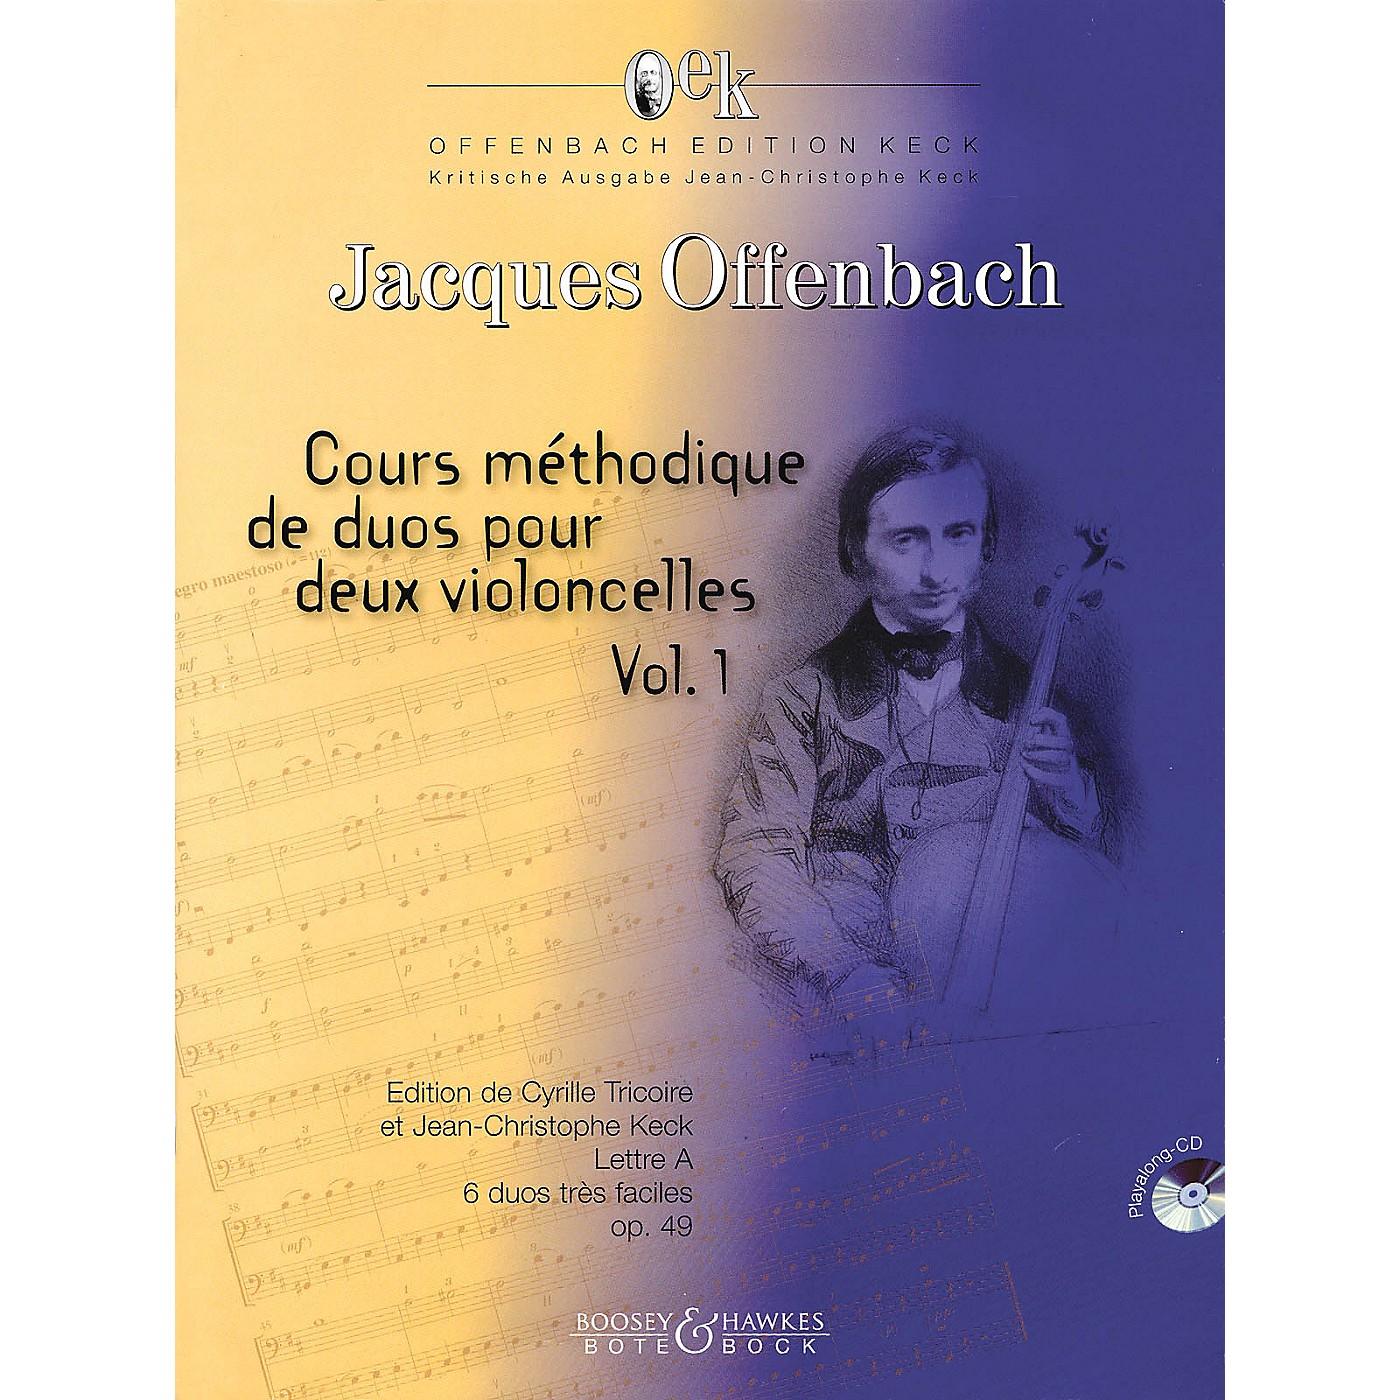 Bote & Bock Cours Méthodique de dous pour deux violoncelles - Volume 1 Boosey & Hawkes Miscellaneous Softcover with CD thumbnail